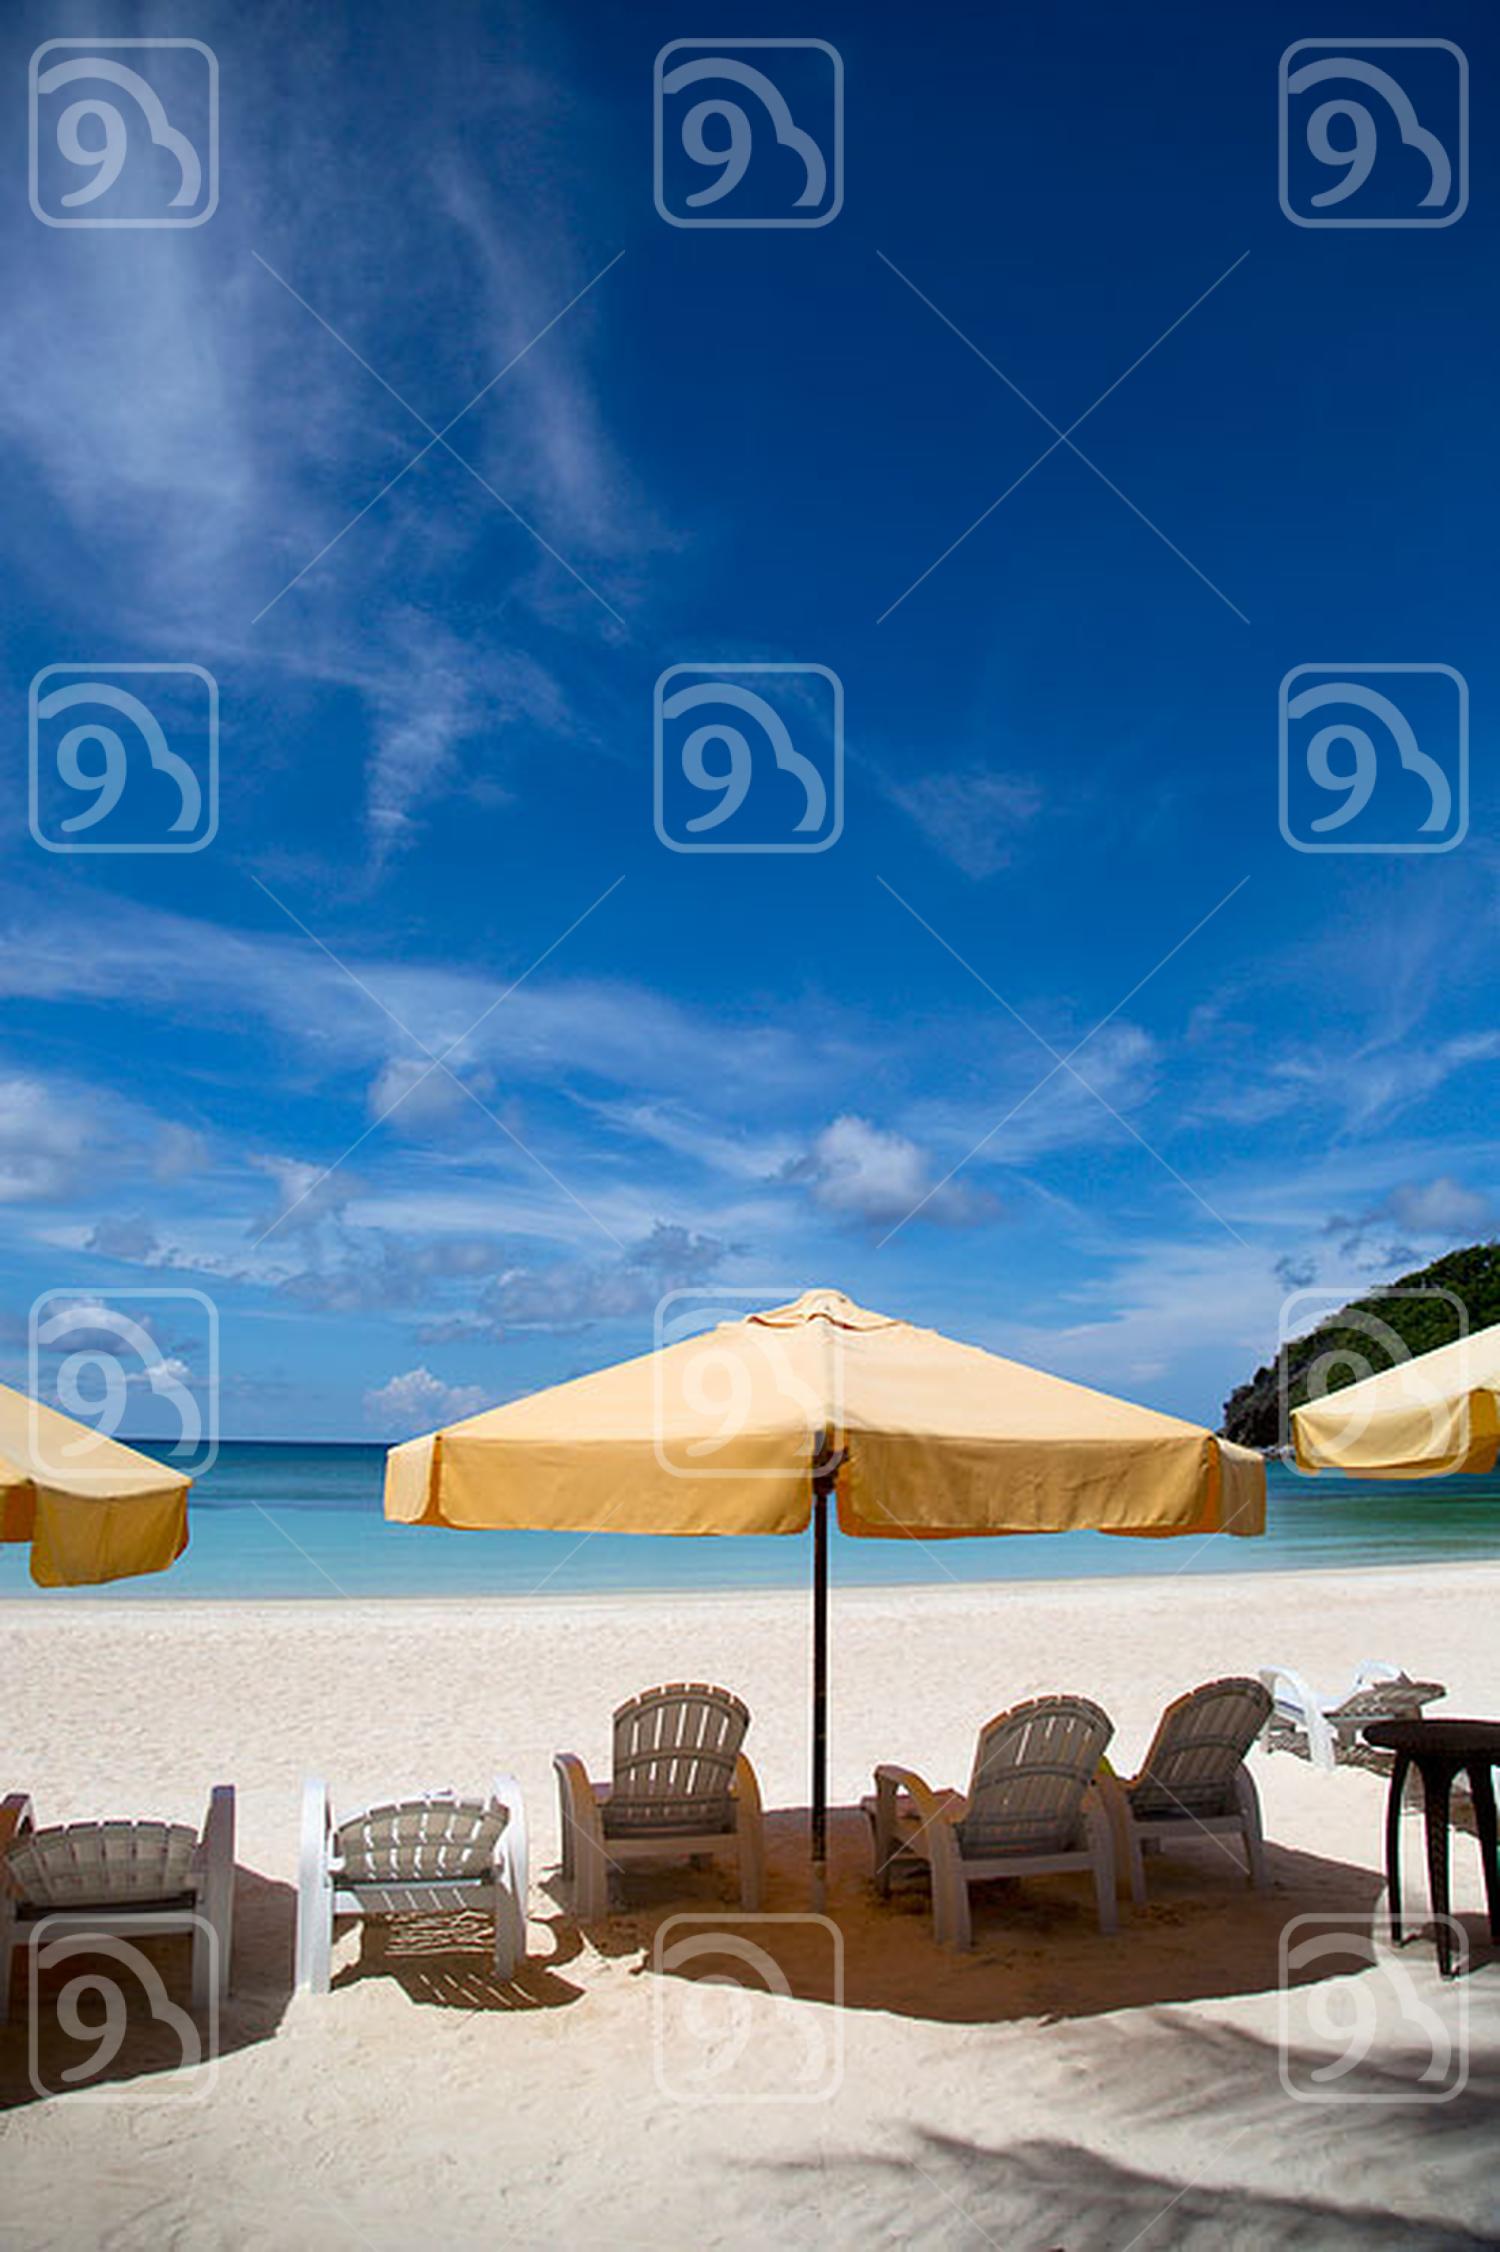 Beach chair and sunshade